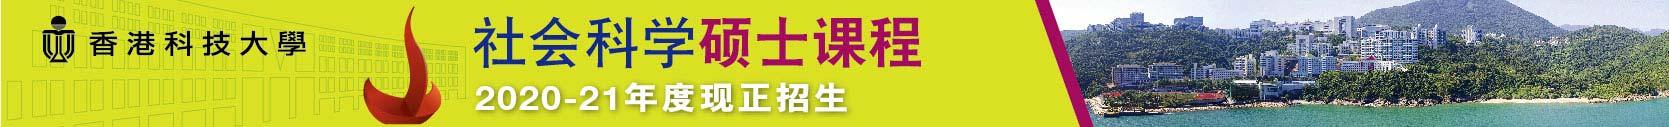 香港科技大学-SHSS人文社会科学学院